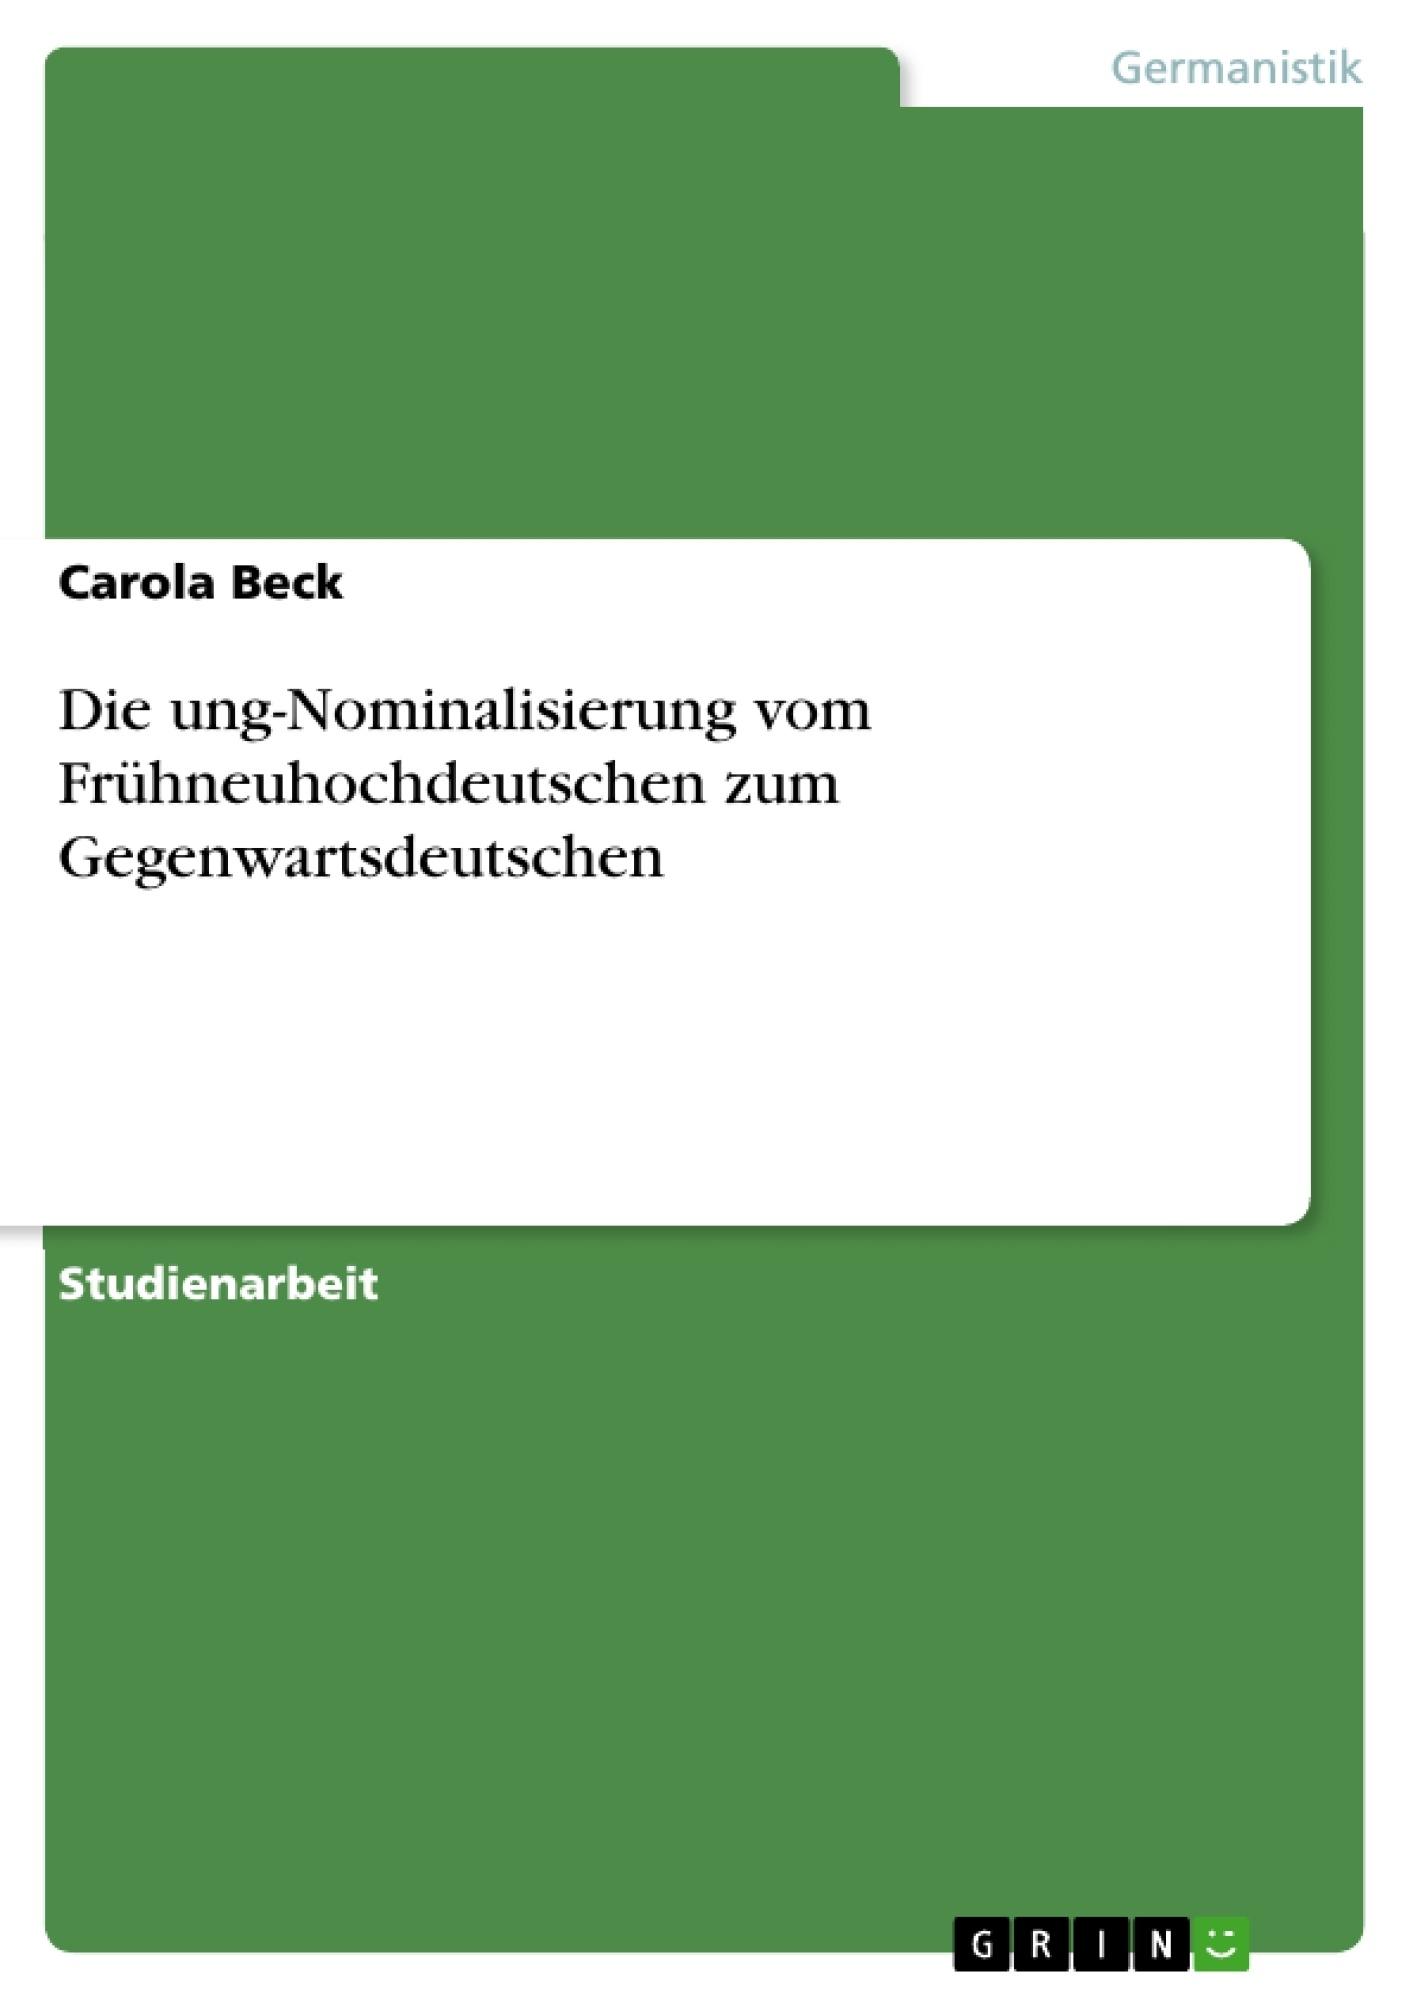 Titel: Die ung-Nominalisierung vom Frühneuhochdeutschen zum Gegenwartsdeutschen